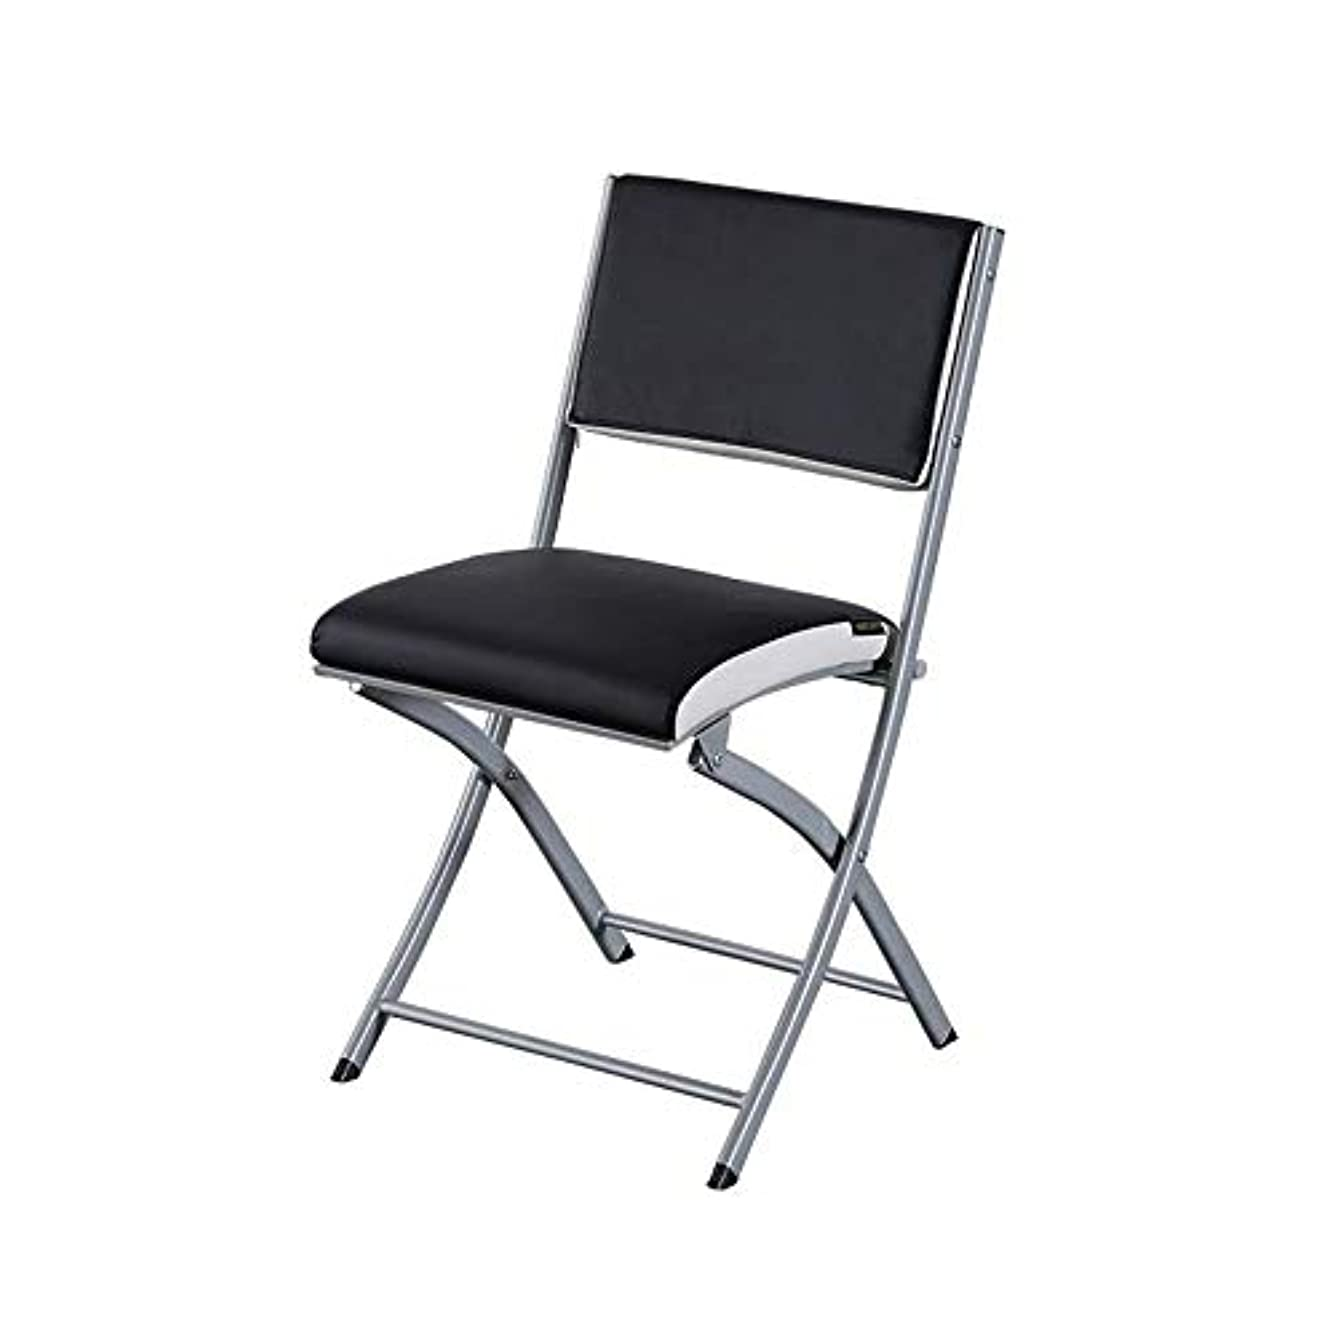 遺伝子ナースアマゾンジャングルラウンジチェアリクライニング折りたたみ椅子、金属折りたたみCipri椅子-ゲストとデスクの椅子(色:C、サイズ:49X43X82cm)の強力なスチールイベントホール席fr仮設席,B、49X43X82cm